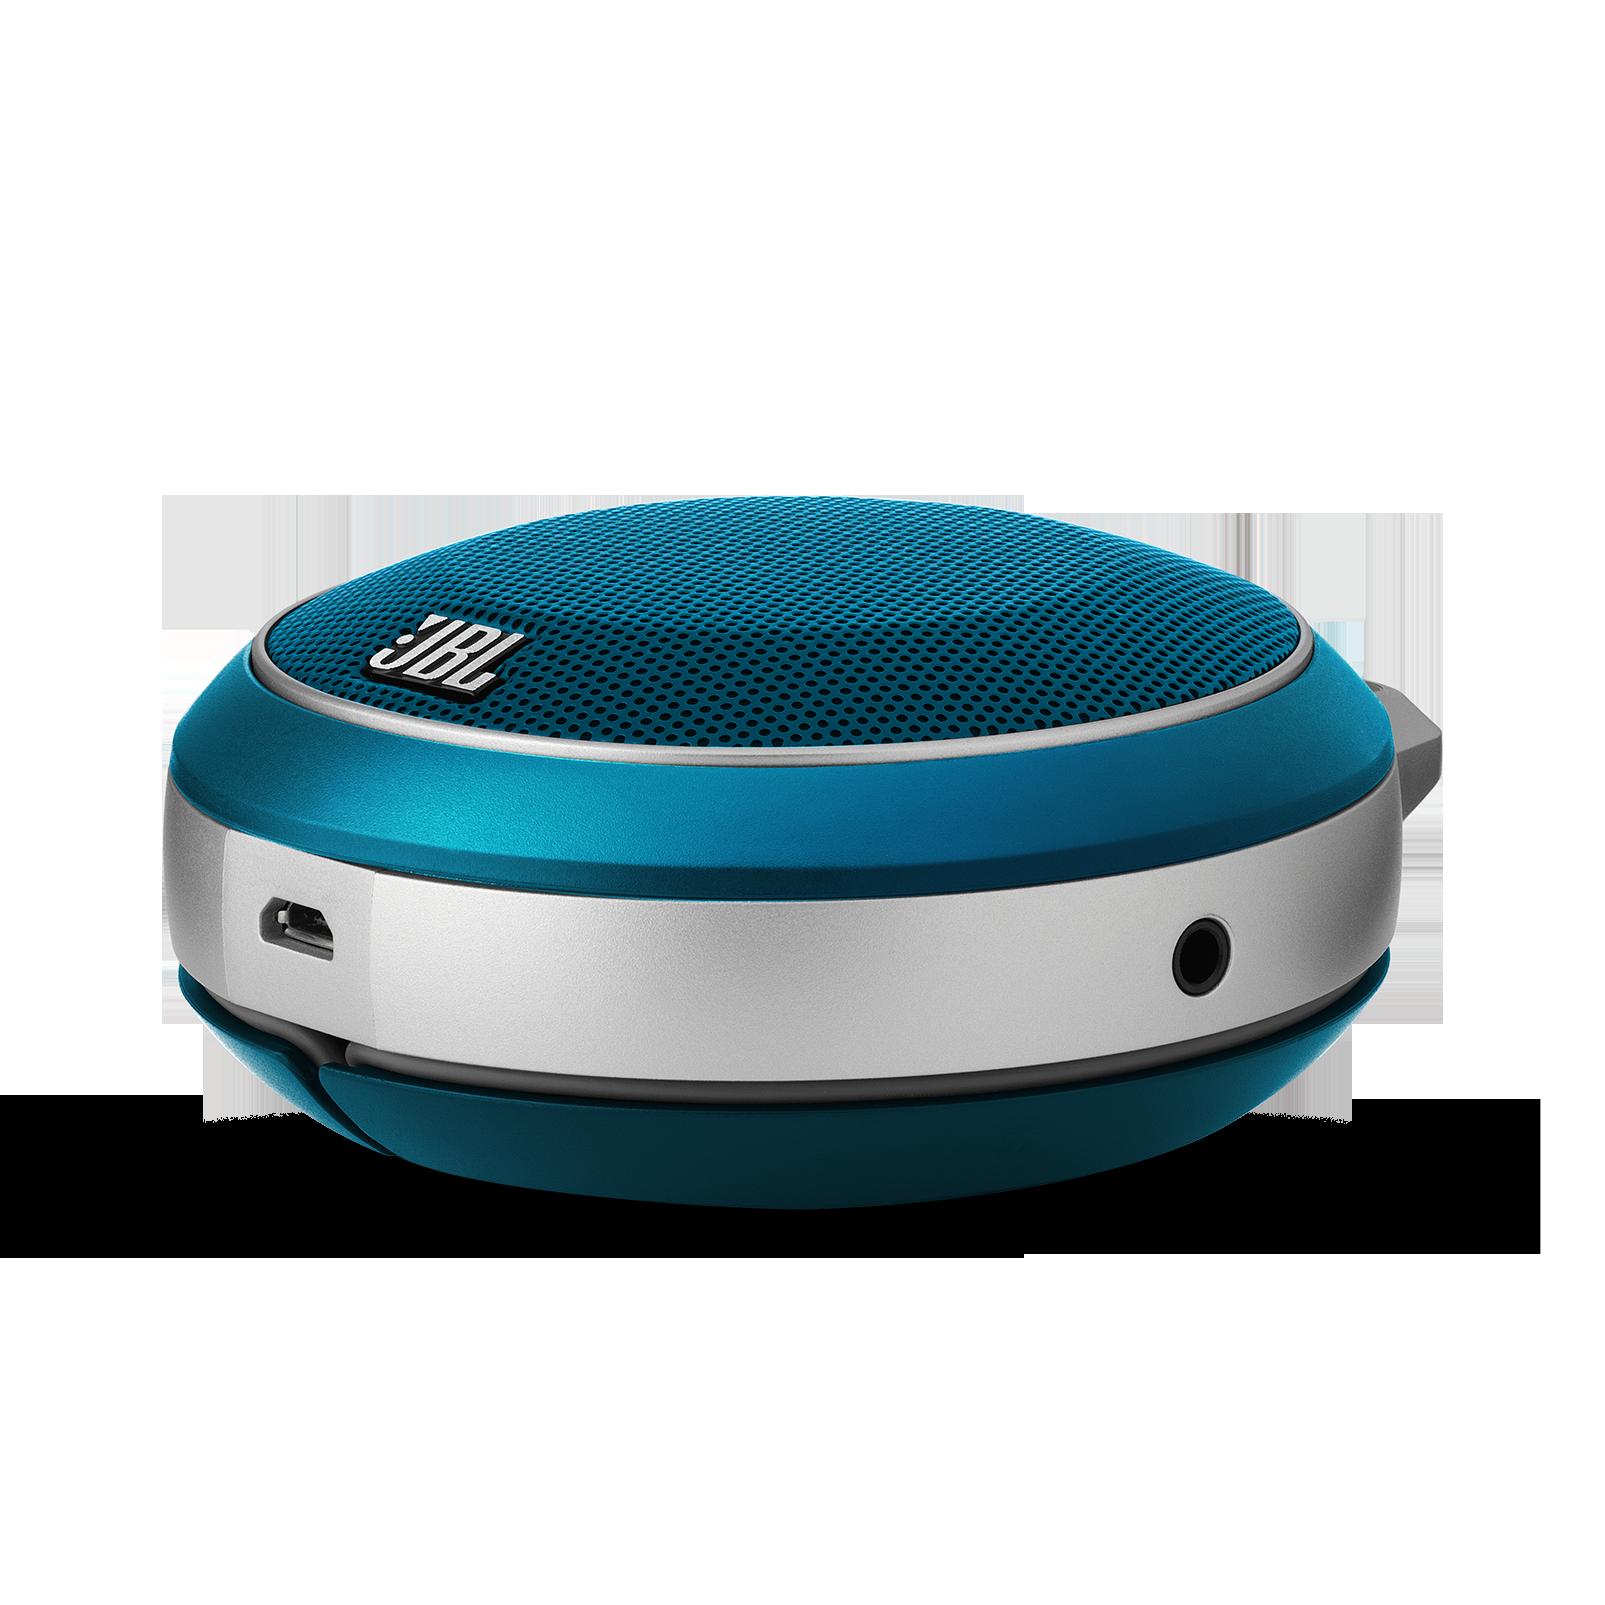 jbl micro wireless mini portable bluetooth speaker rh jbl com jbl micro wireless user guide jbl micro 2 user manual